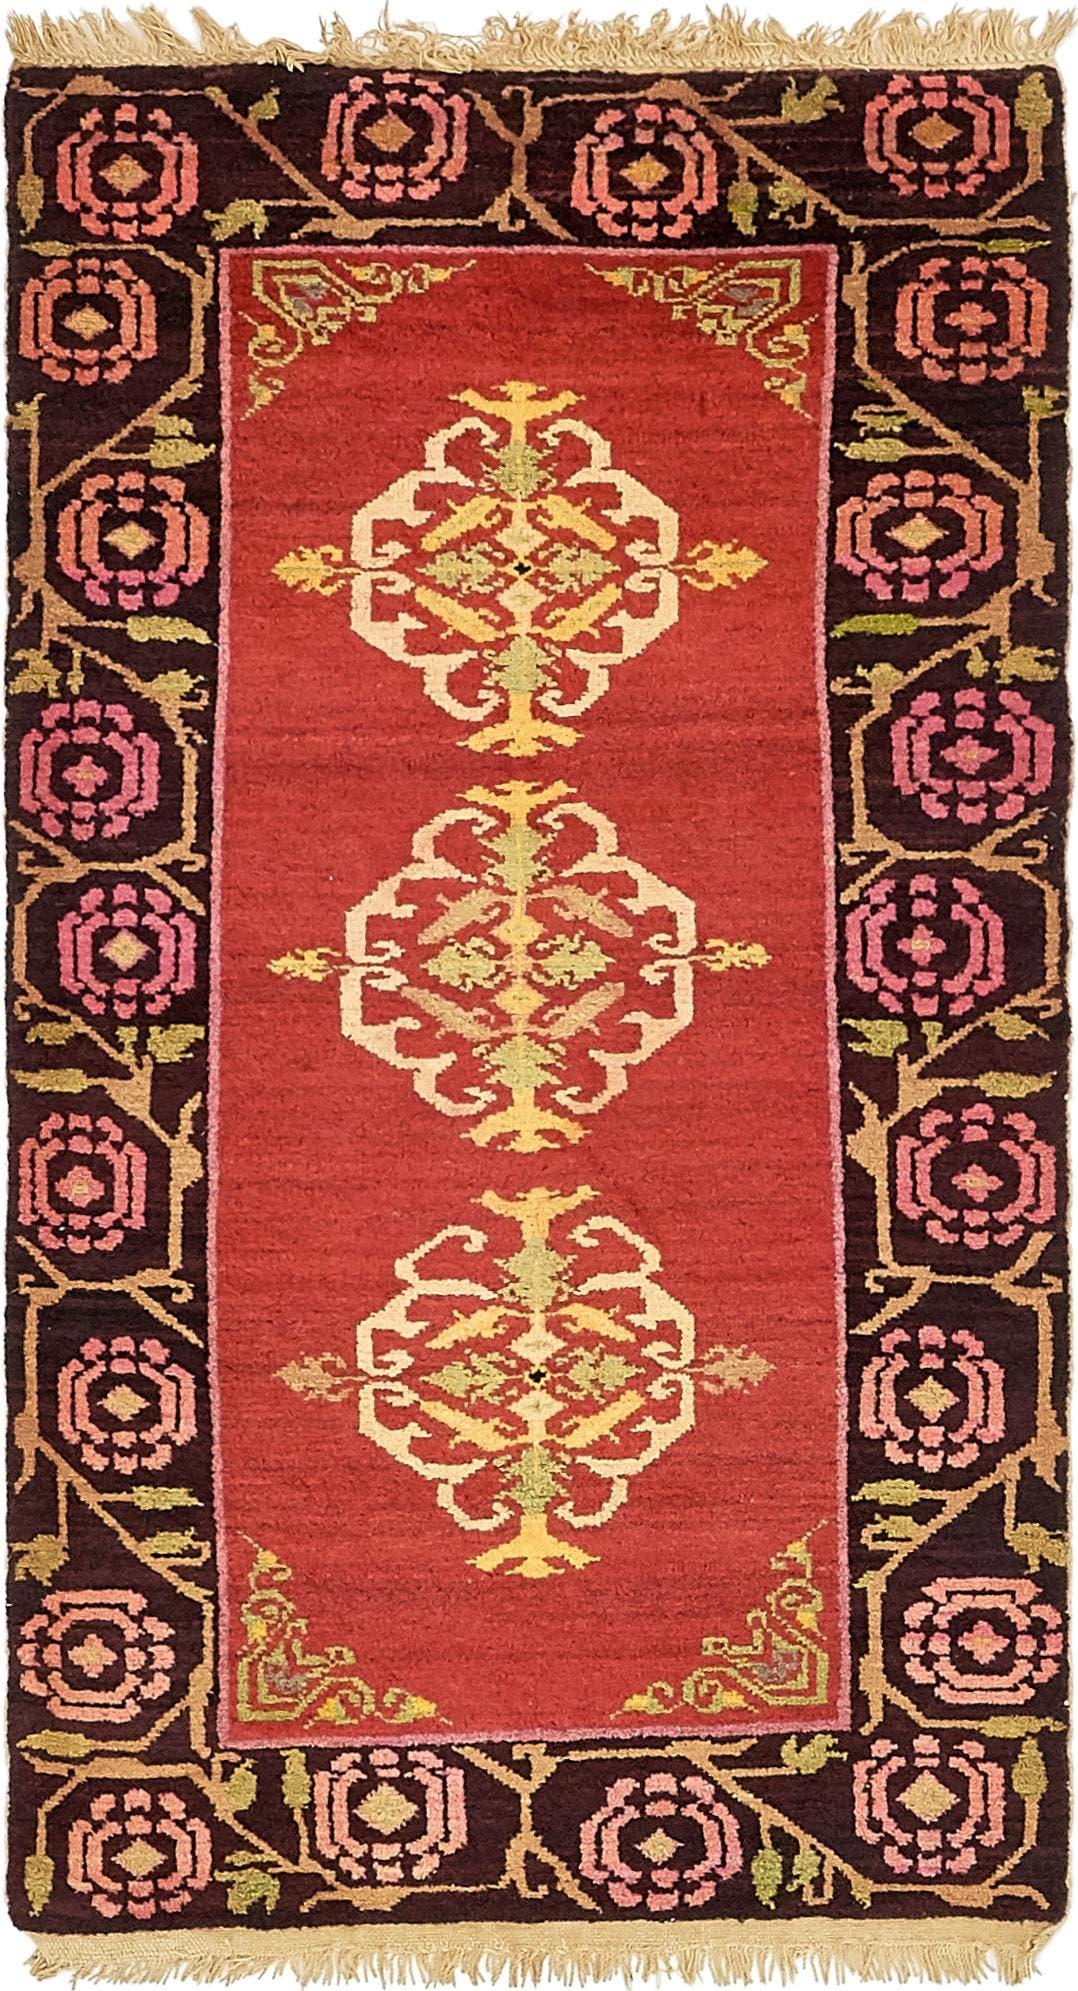 2' 10 x 5' 3 Antique Finish Rug main image